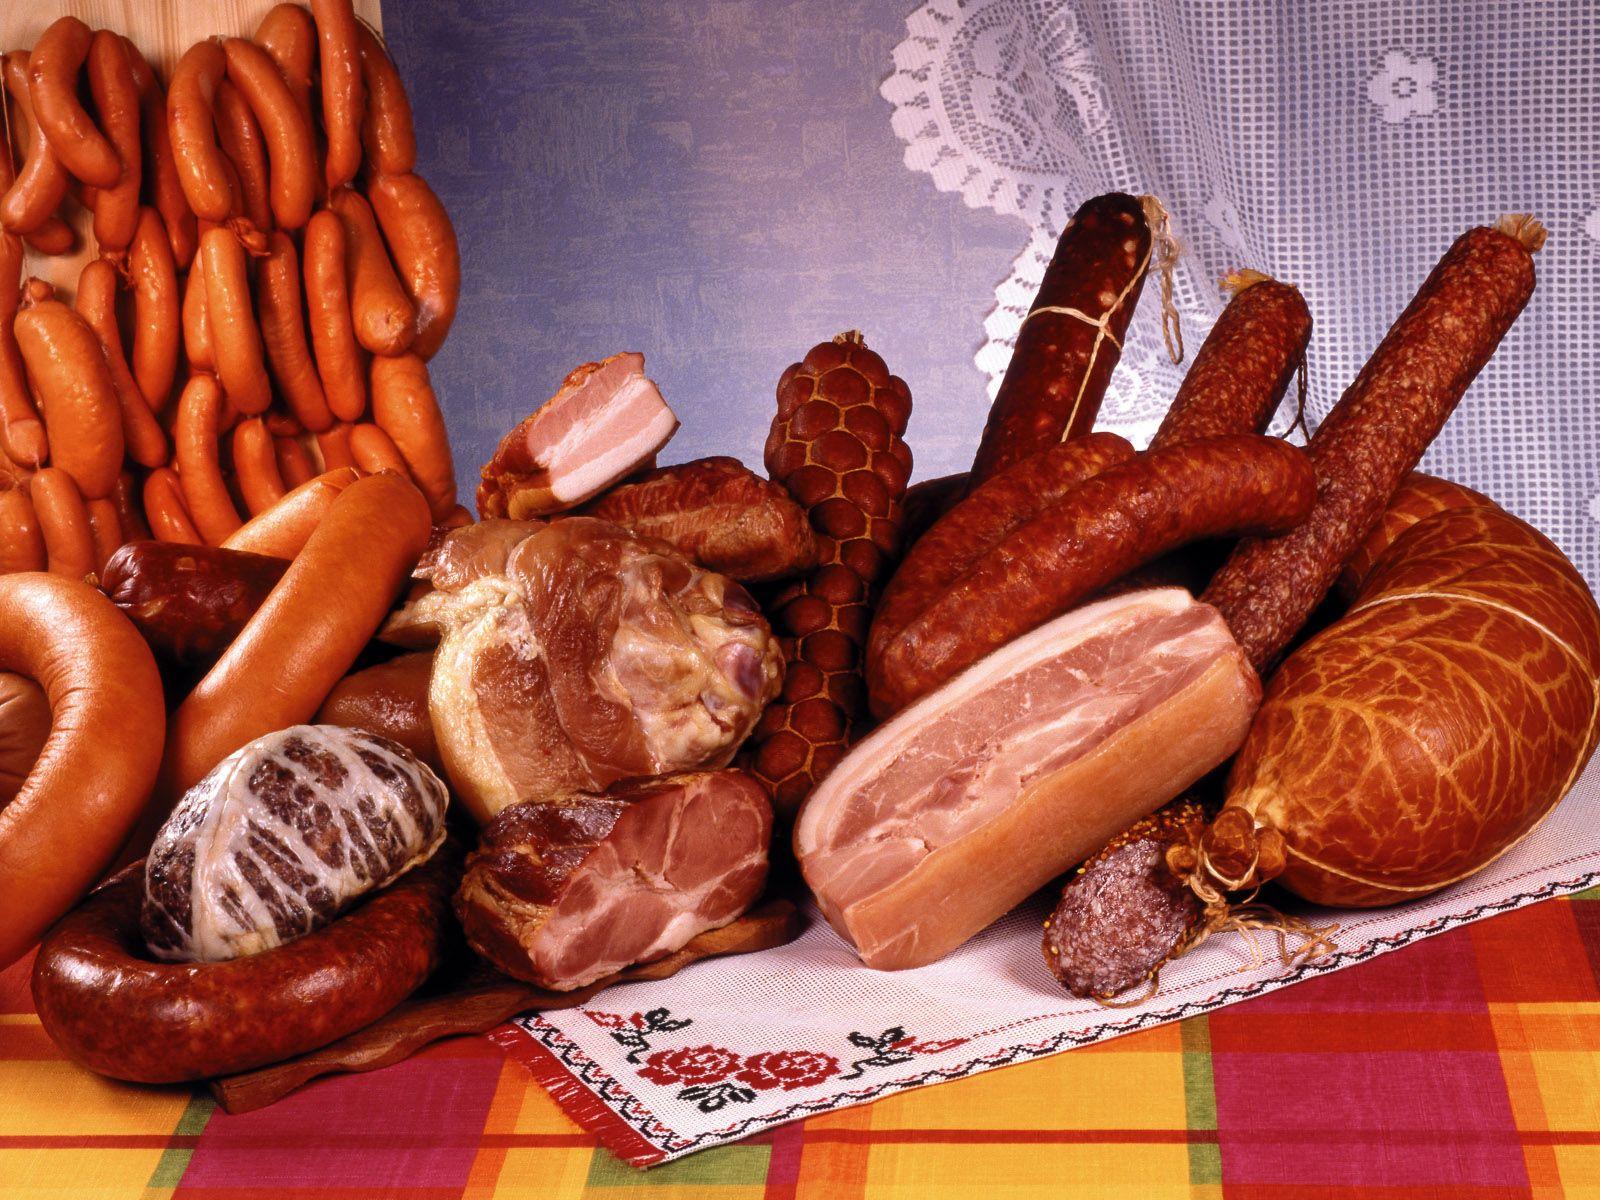 La carne procesada puede provocar el nacimiento de un cáncer.